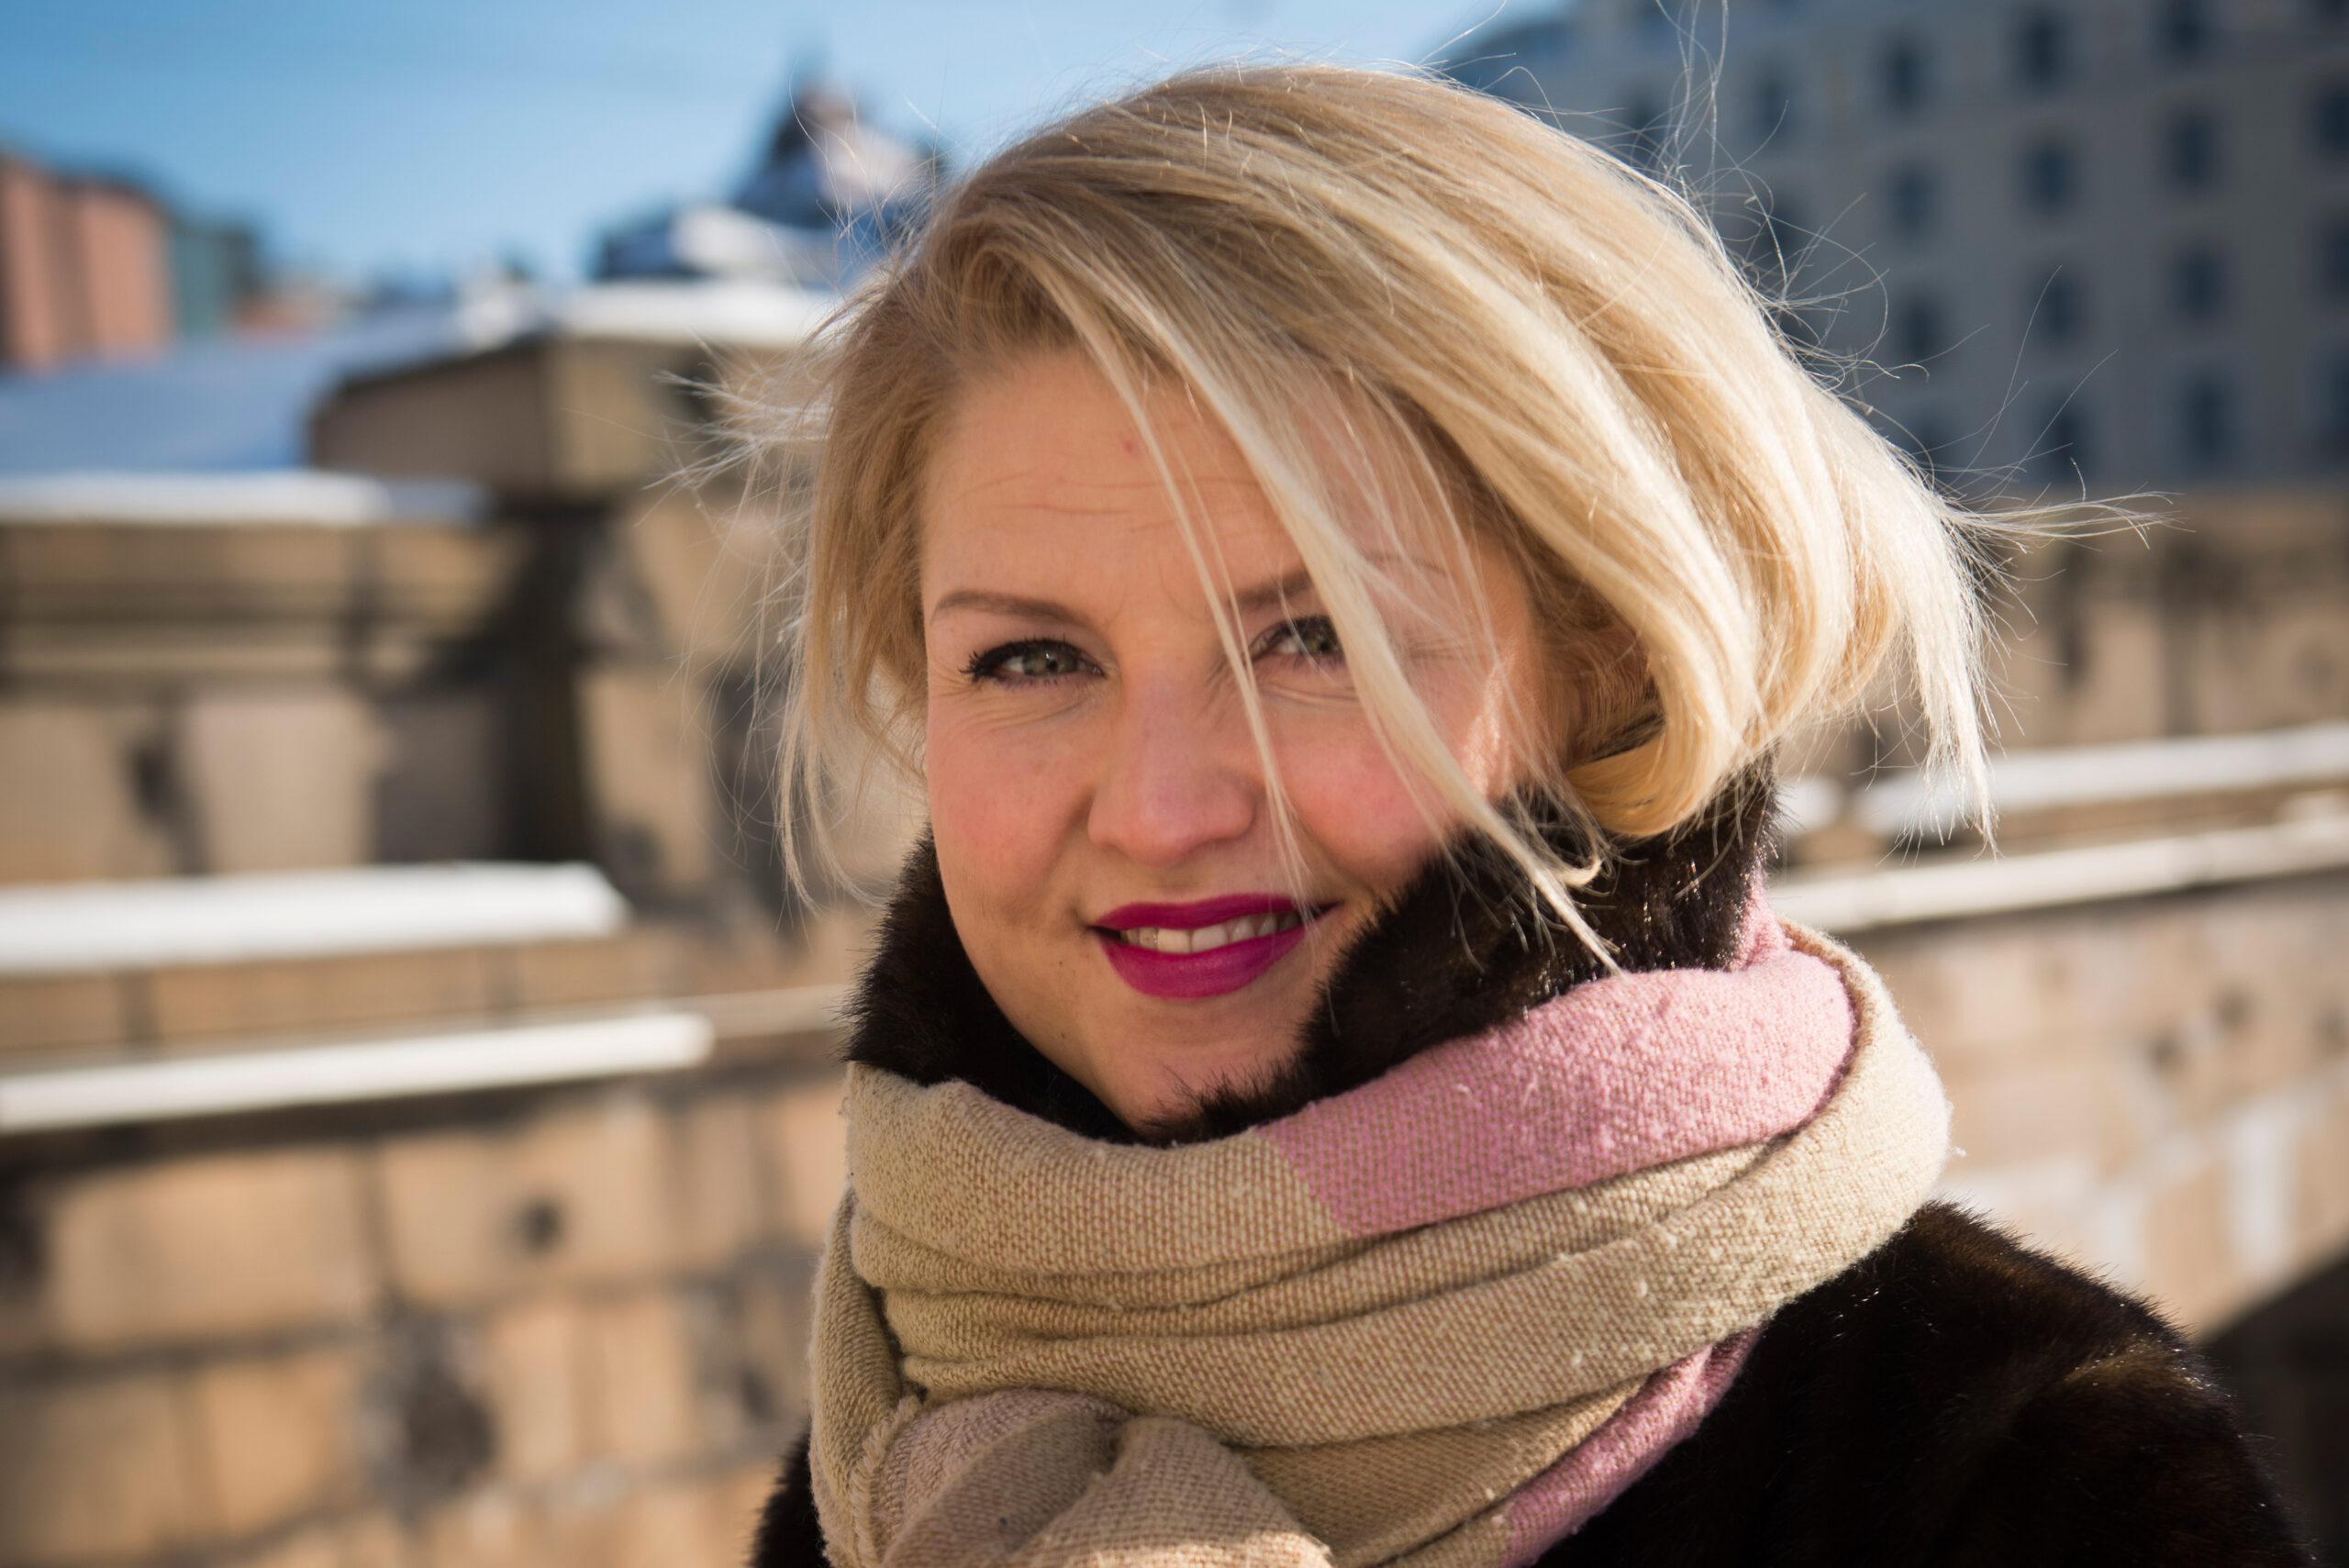 Helmi-Leena Nummela katsoo kameraan hymyillen Hakaniemessä.